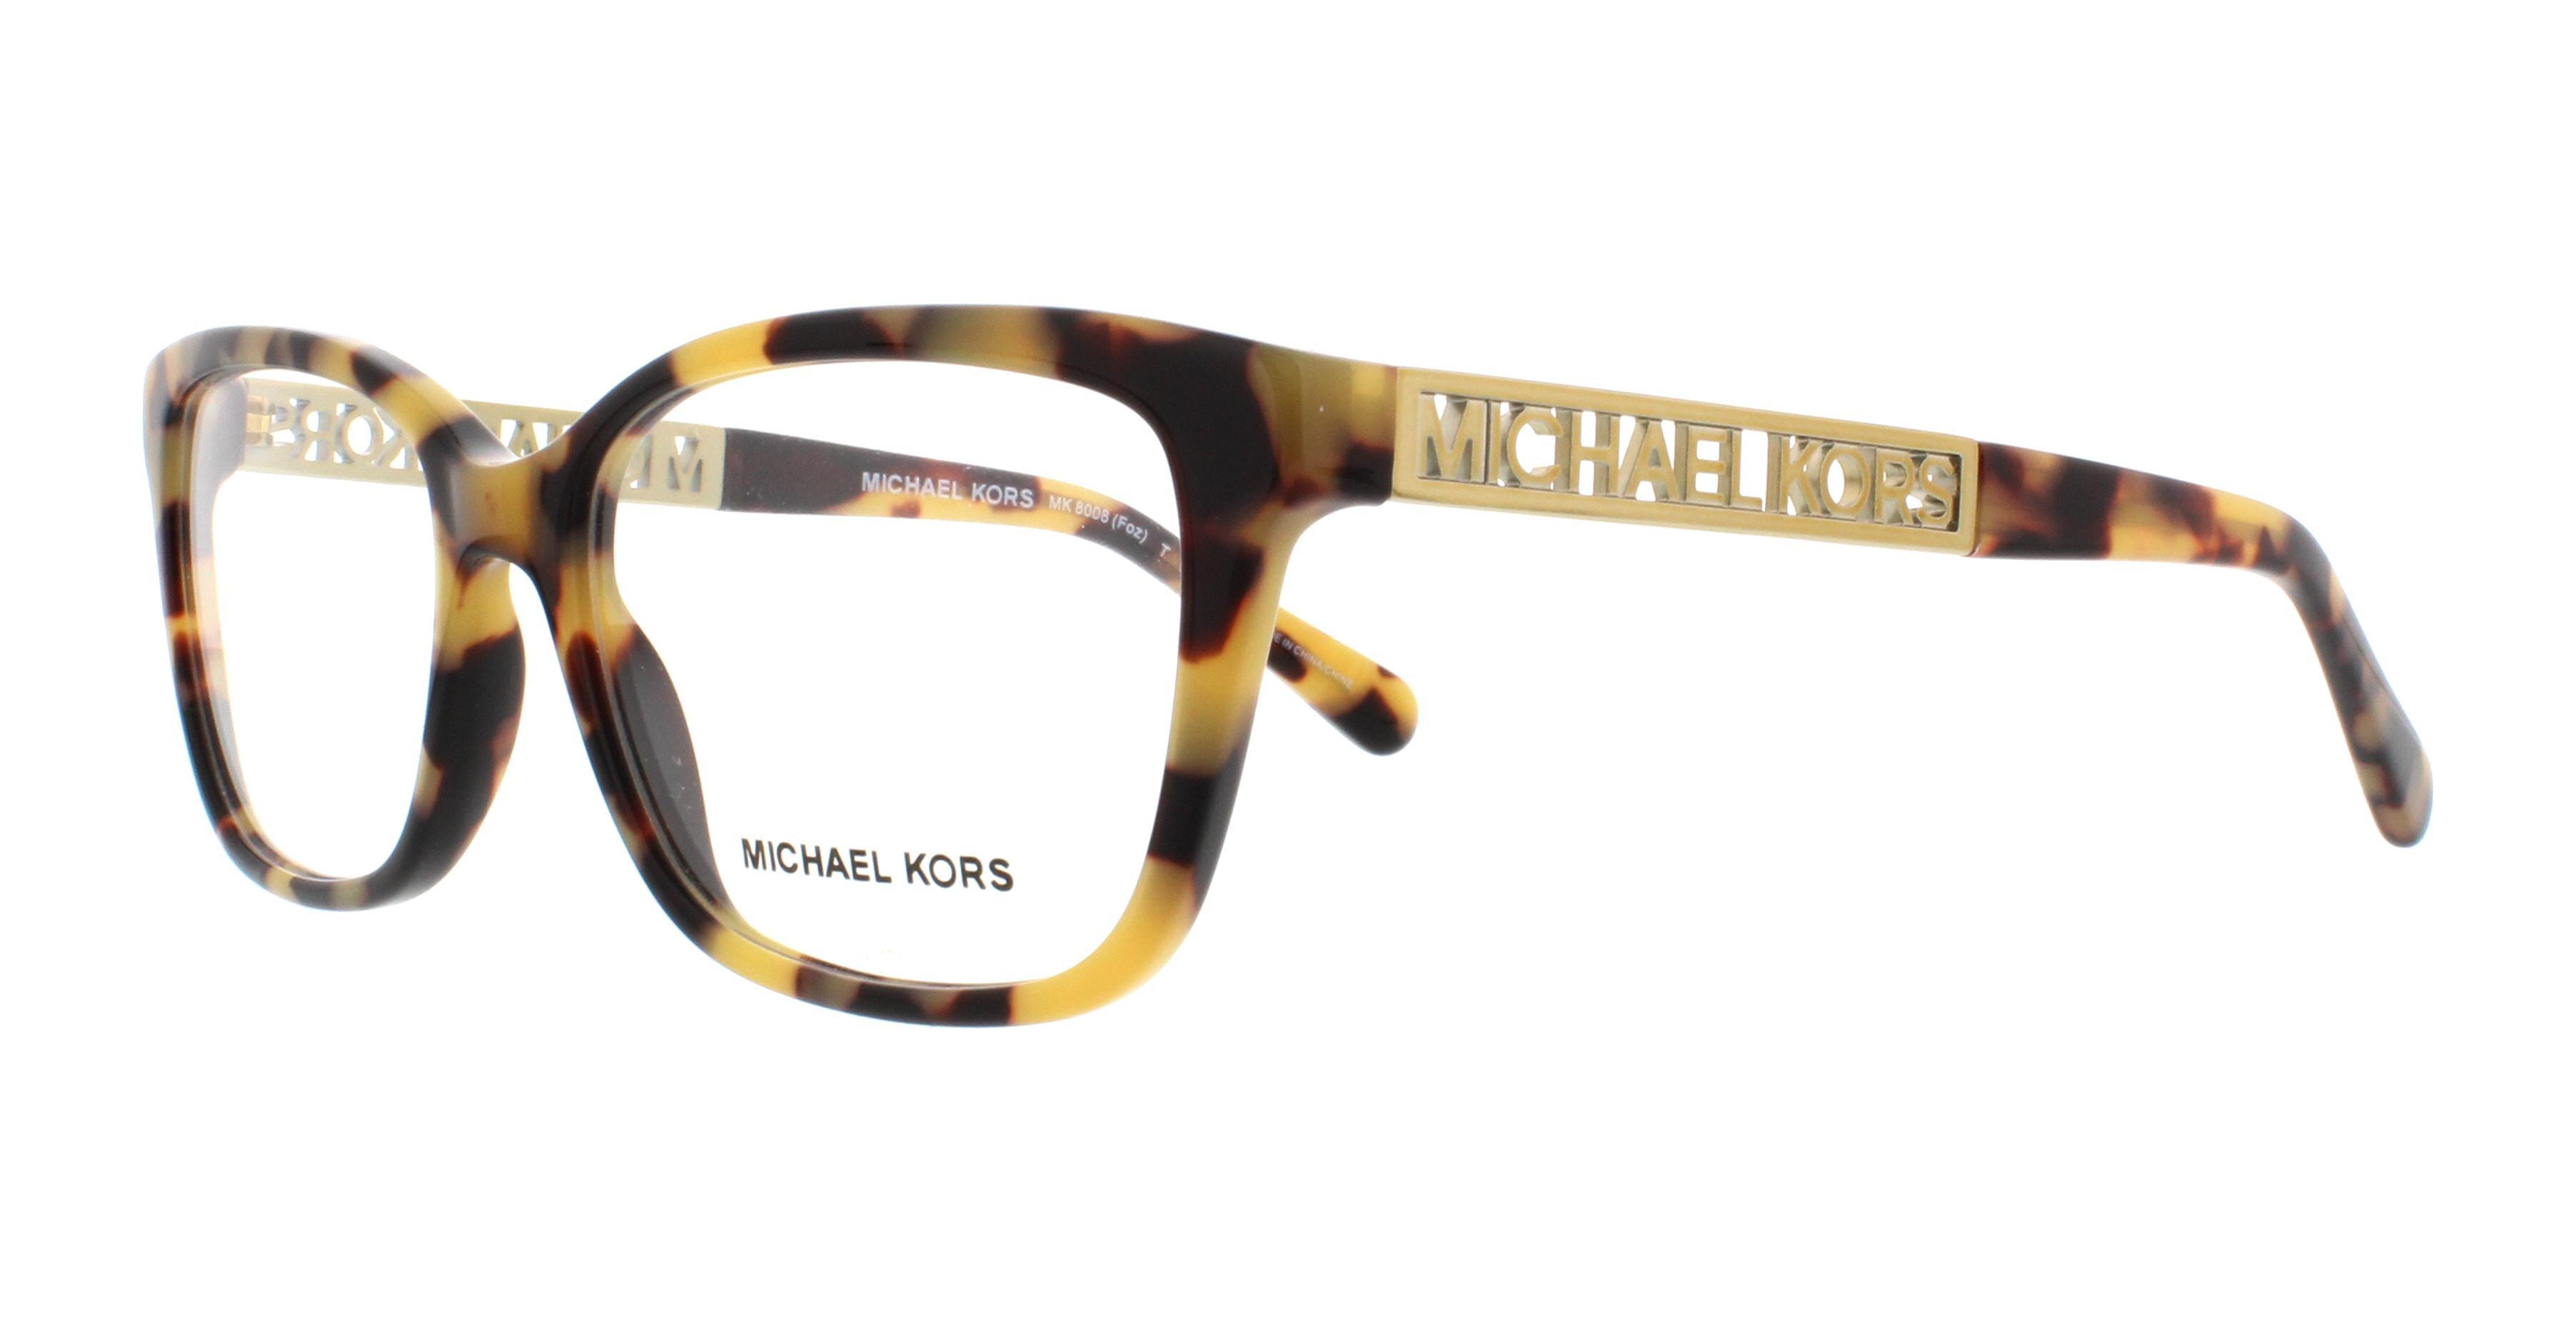 5b19c805c3 Designer Frames Outlet. Michael Kors MK8008 Foz